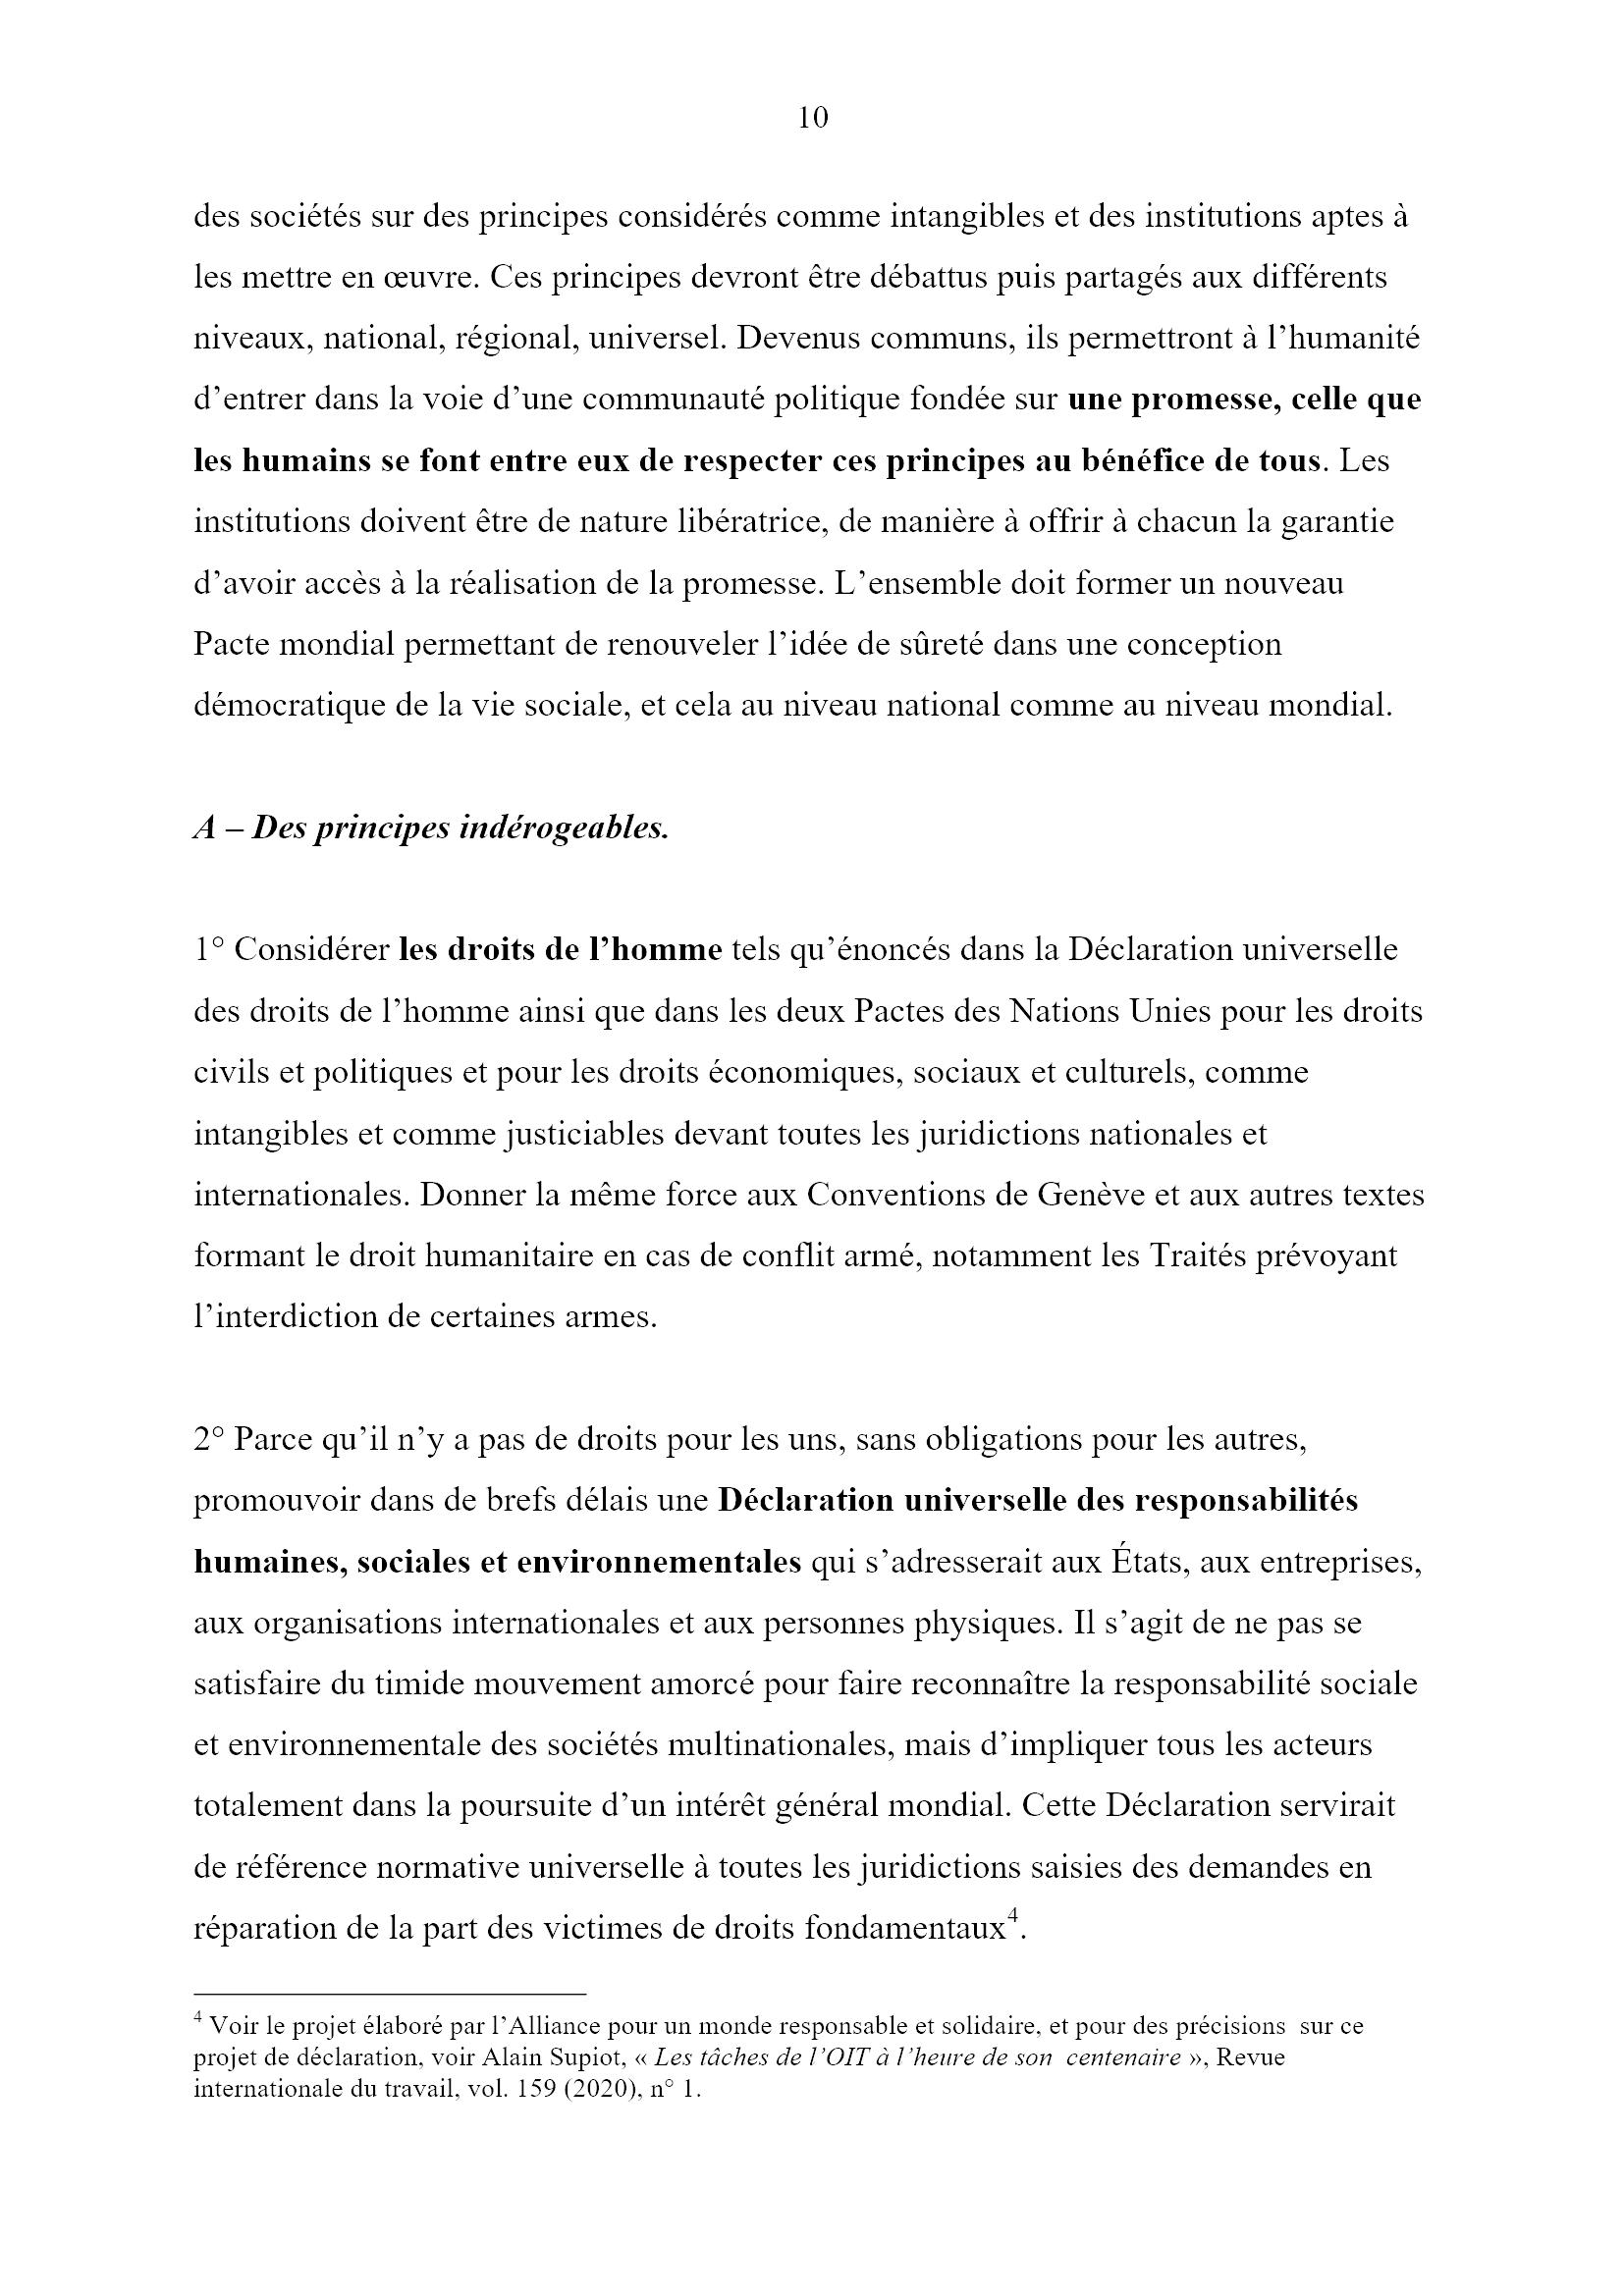 Des jours heureux... Monique Chemillier-Gendreau 10x16